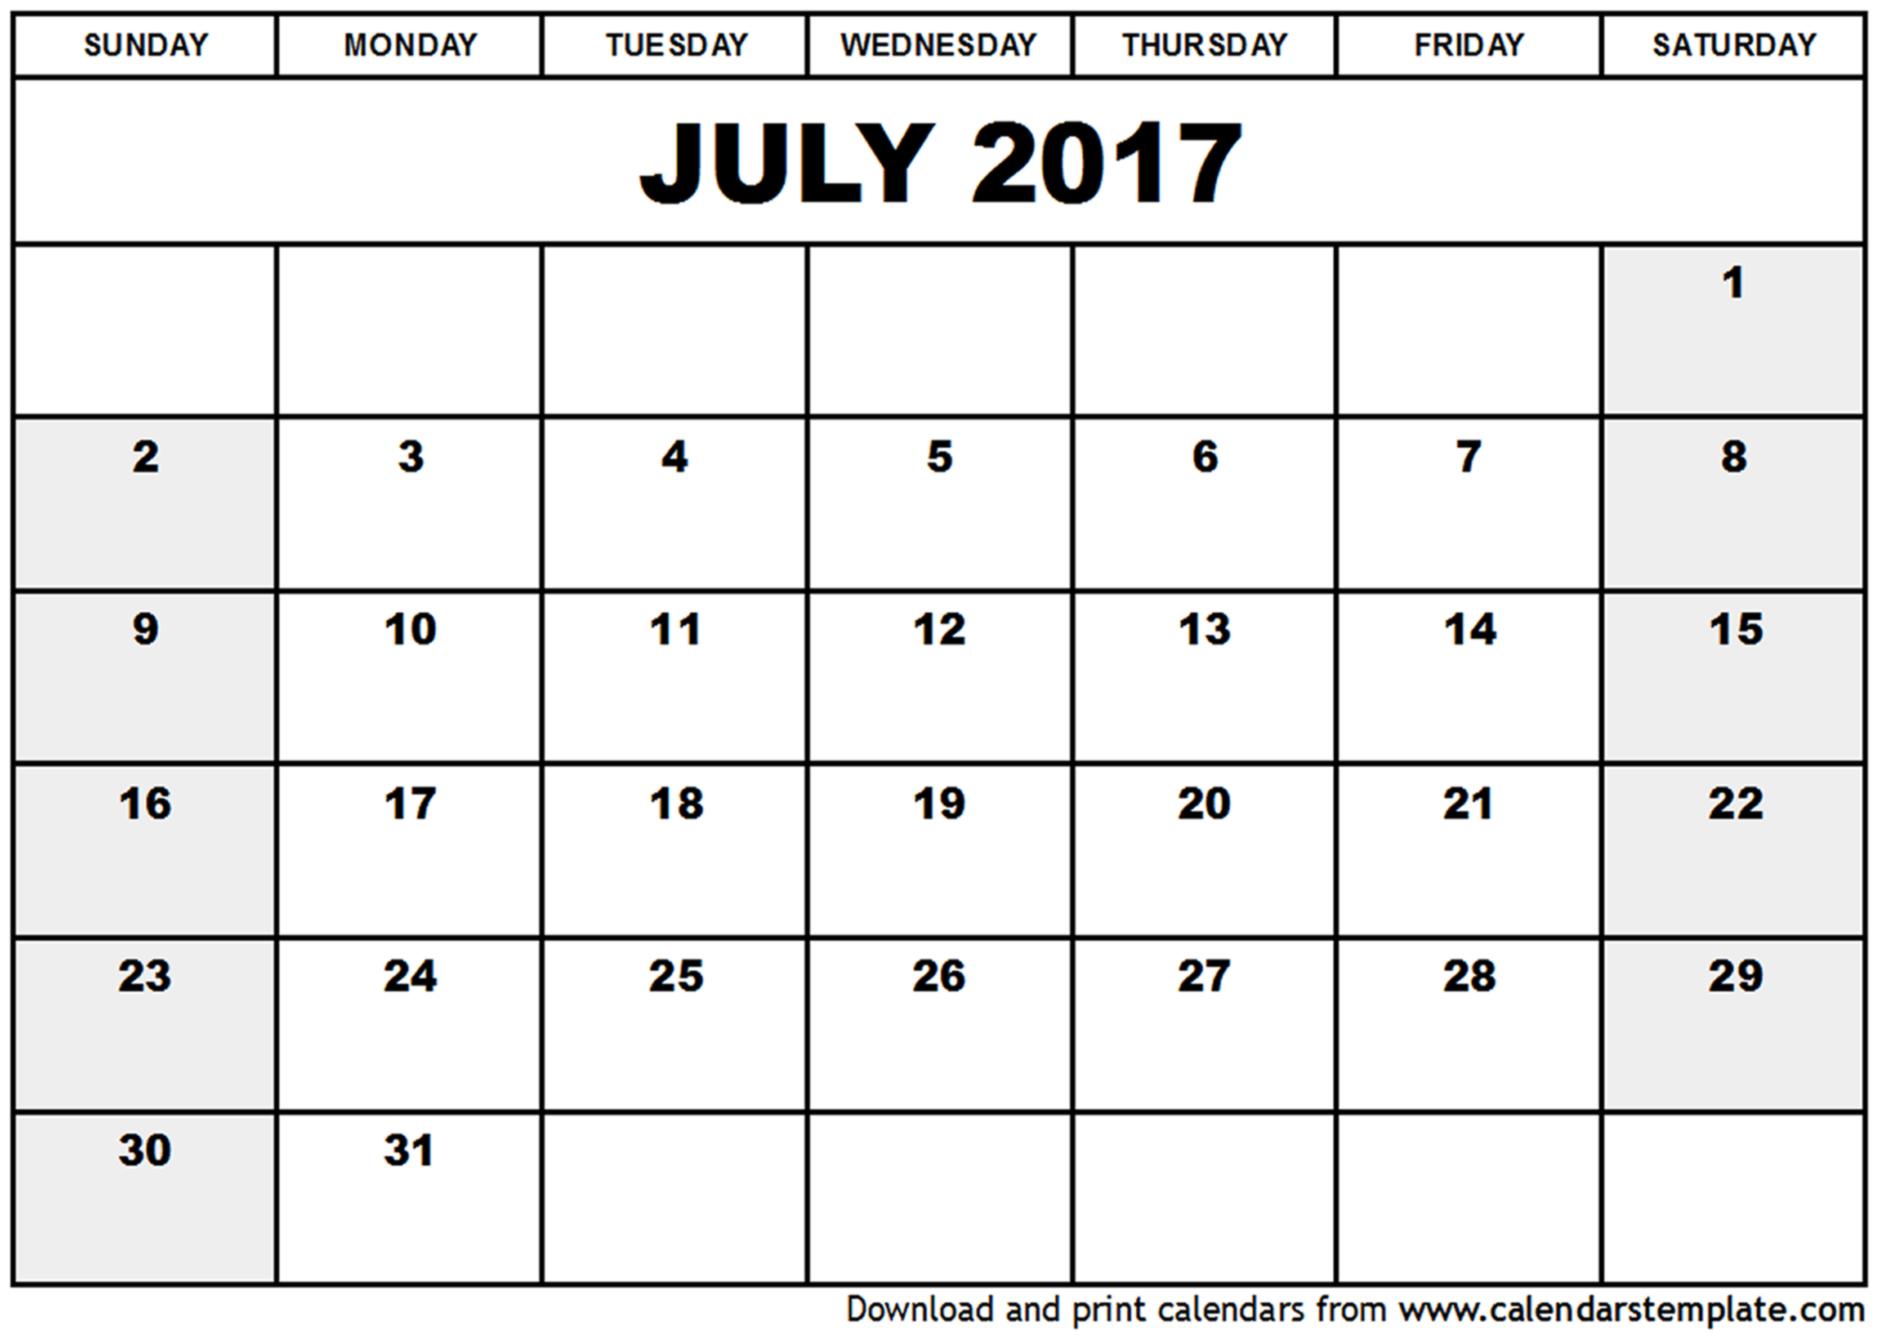 July 2017 Calendar Template   weekly calendar template